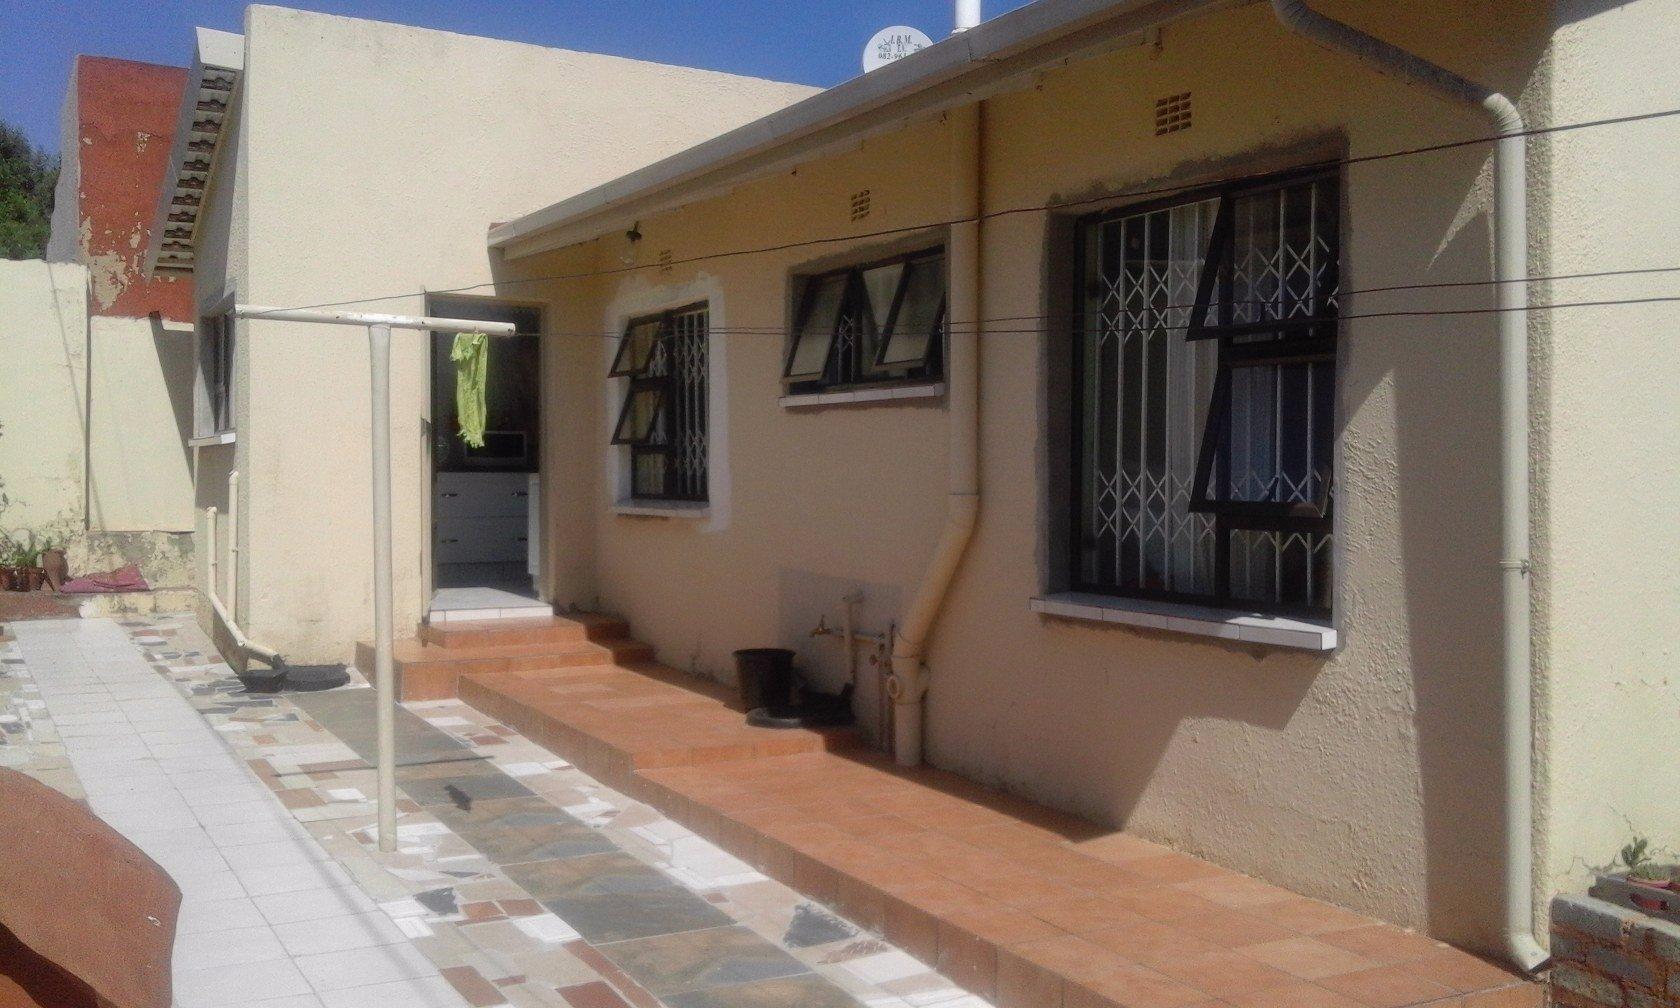 House for sale in Diepkloof  3 bedroom 13467146 1027 CyberProp